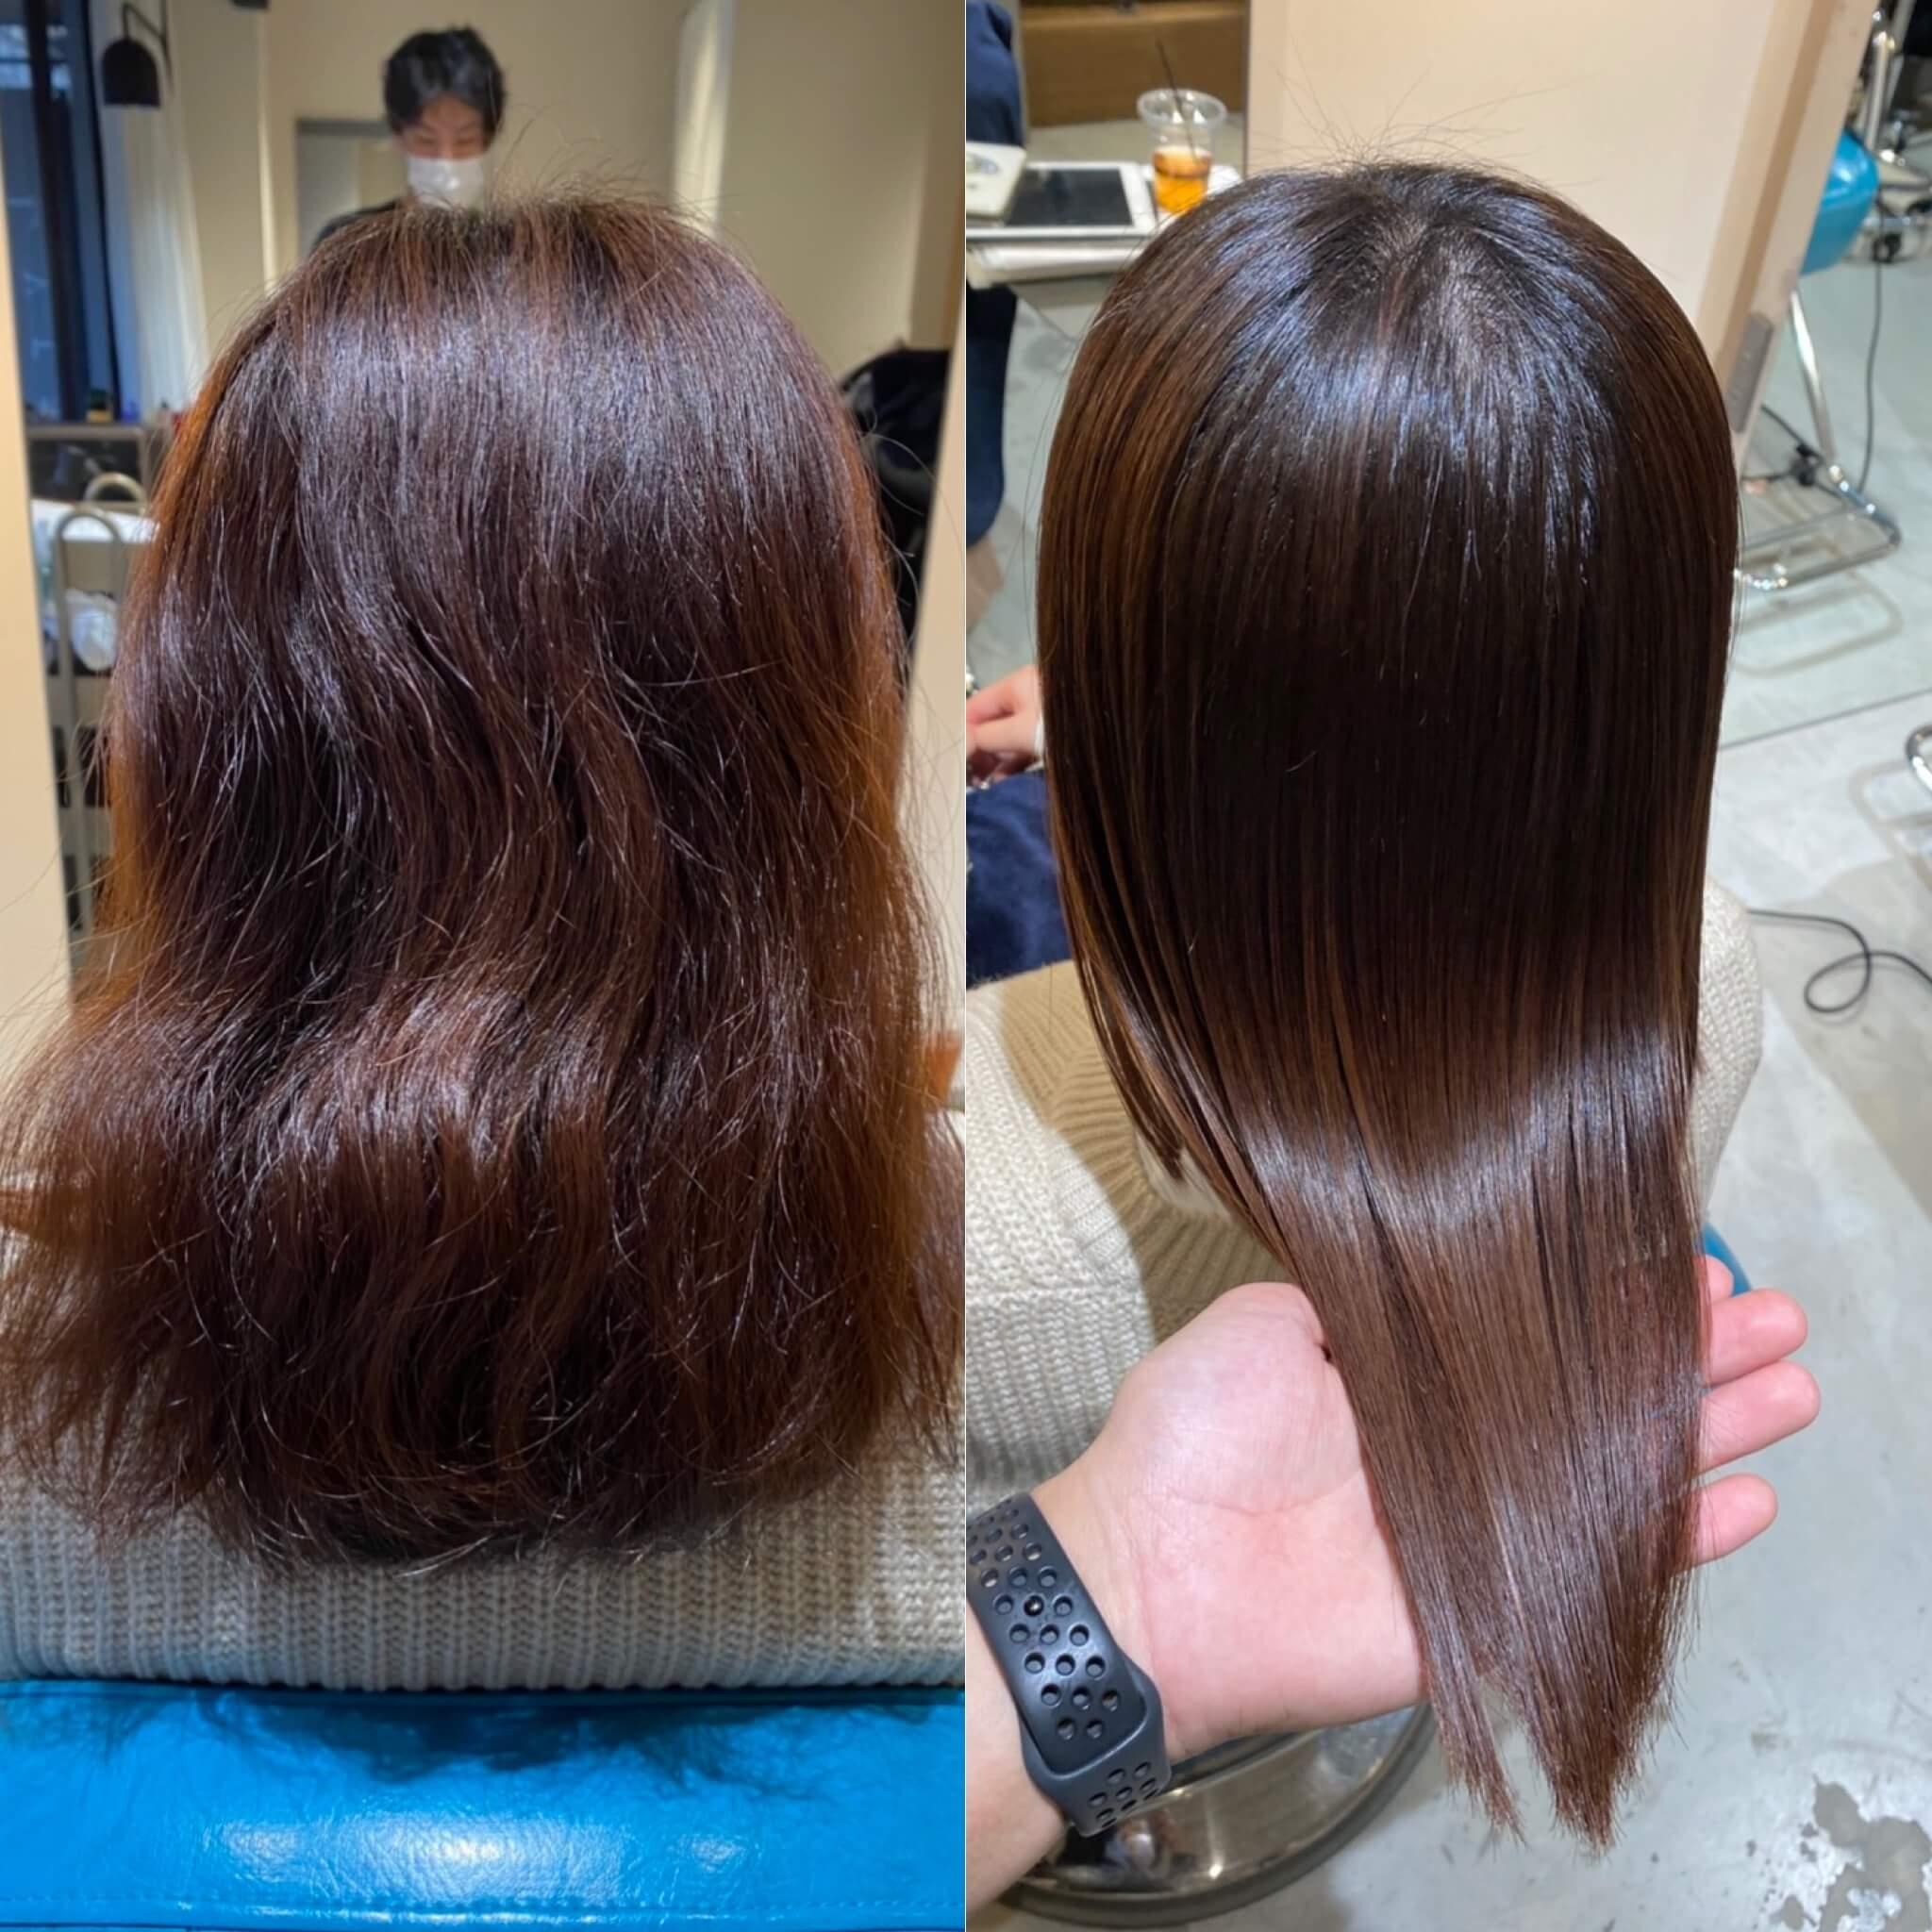 大阪梅田縮毛矯正髪質改善専門特化美容師